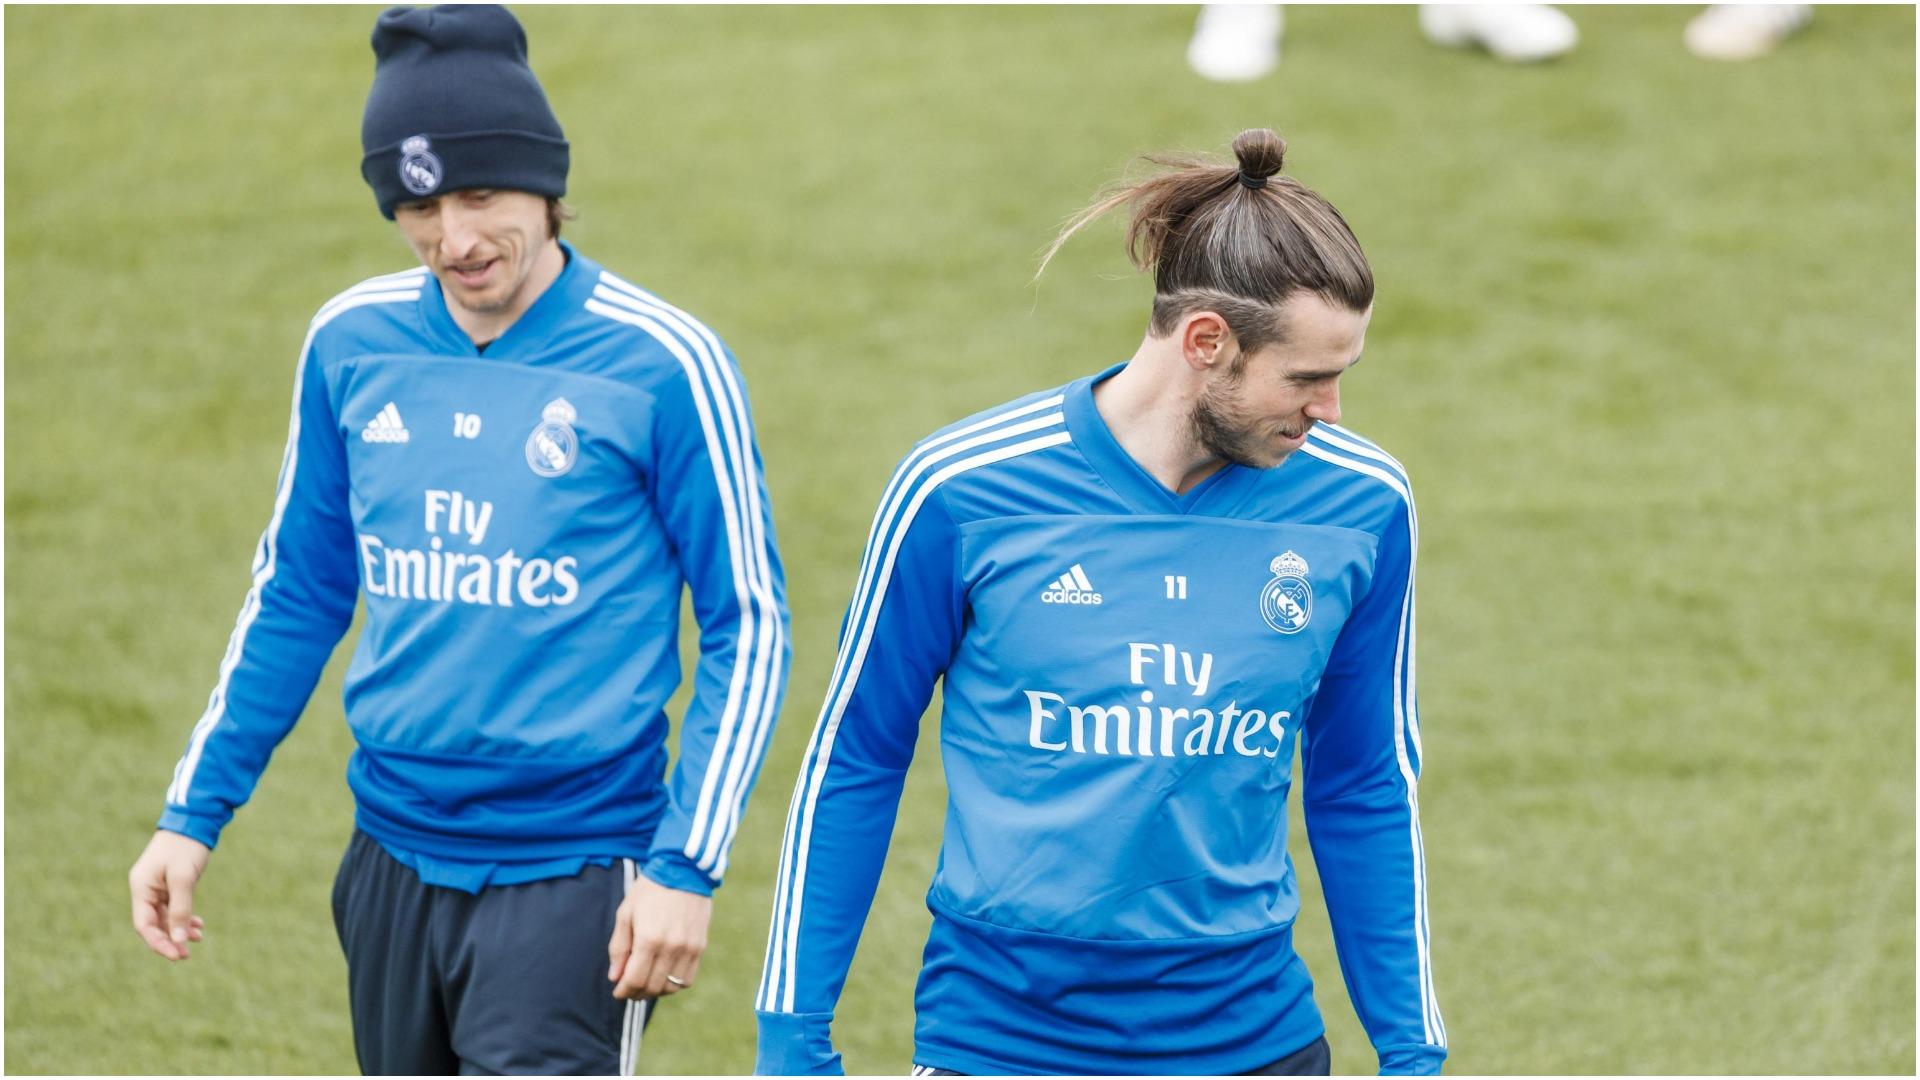 Vërshëllimat nga tifozët e tij, Bale: Të shkaktojnë probleme mendore